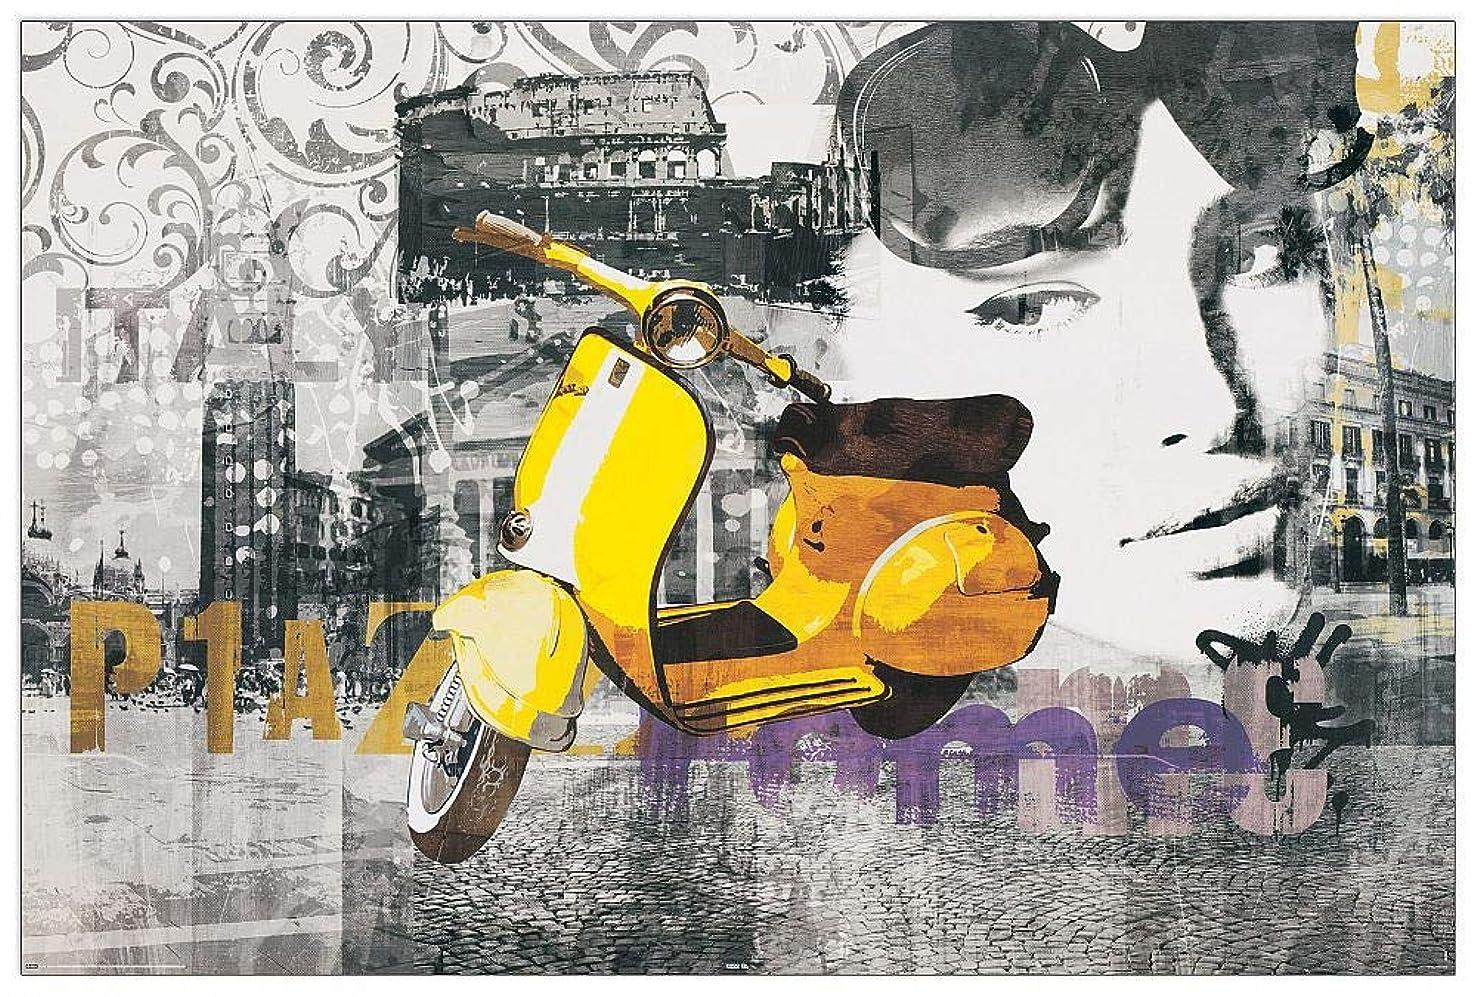 Artopweb TW21589 Decorative Panel 35.5x23.5 Inch Multicolored